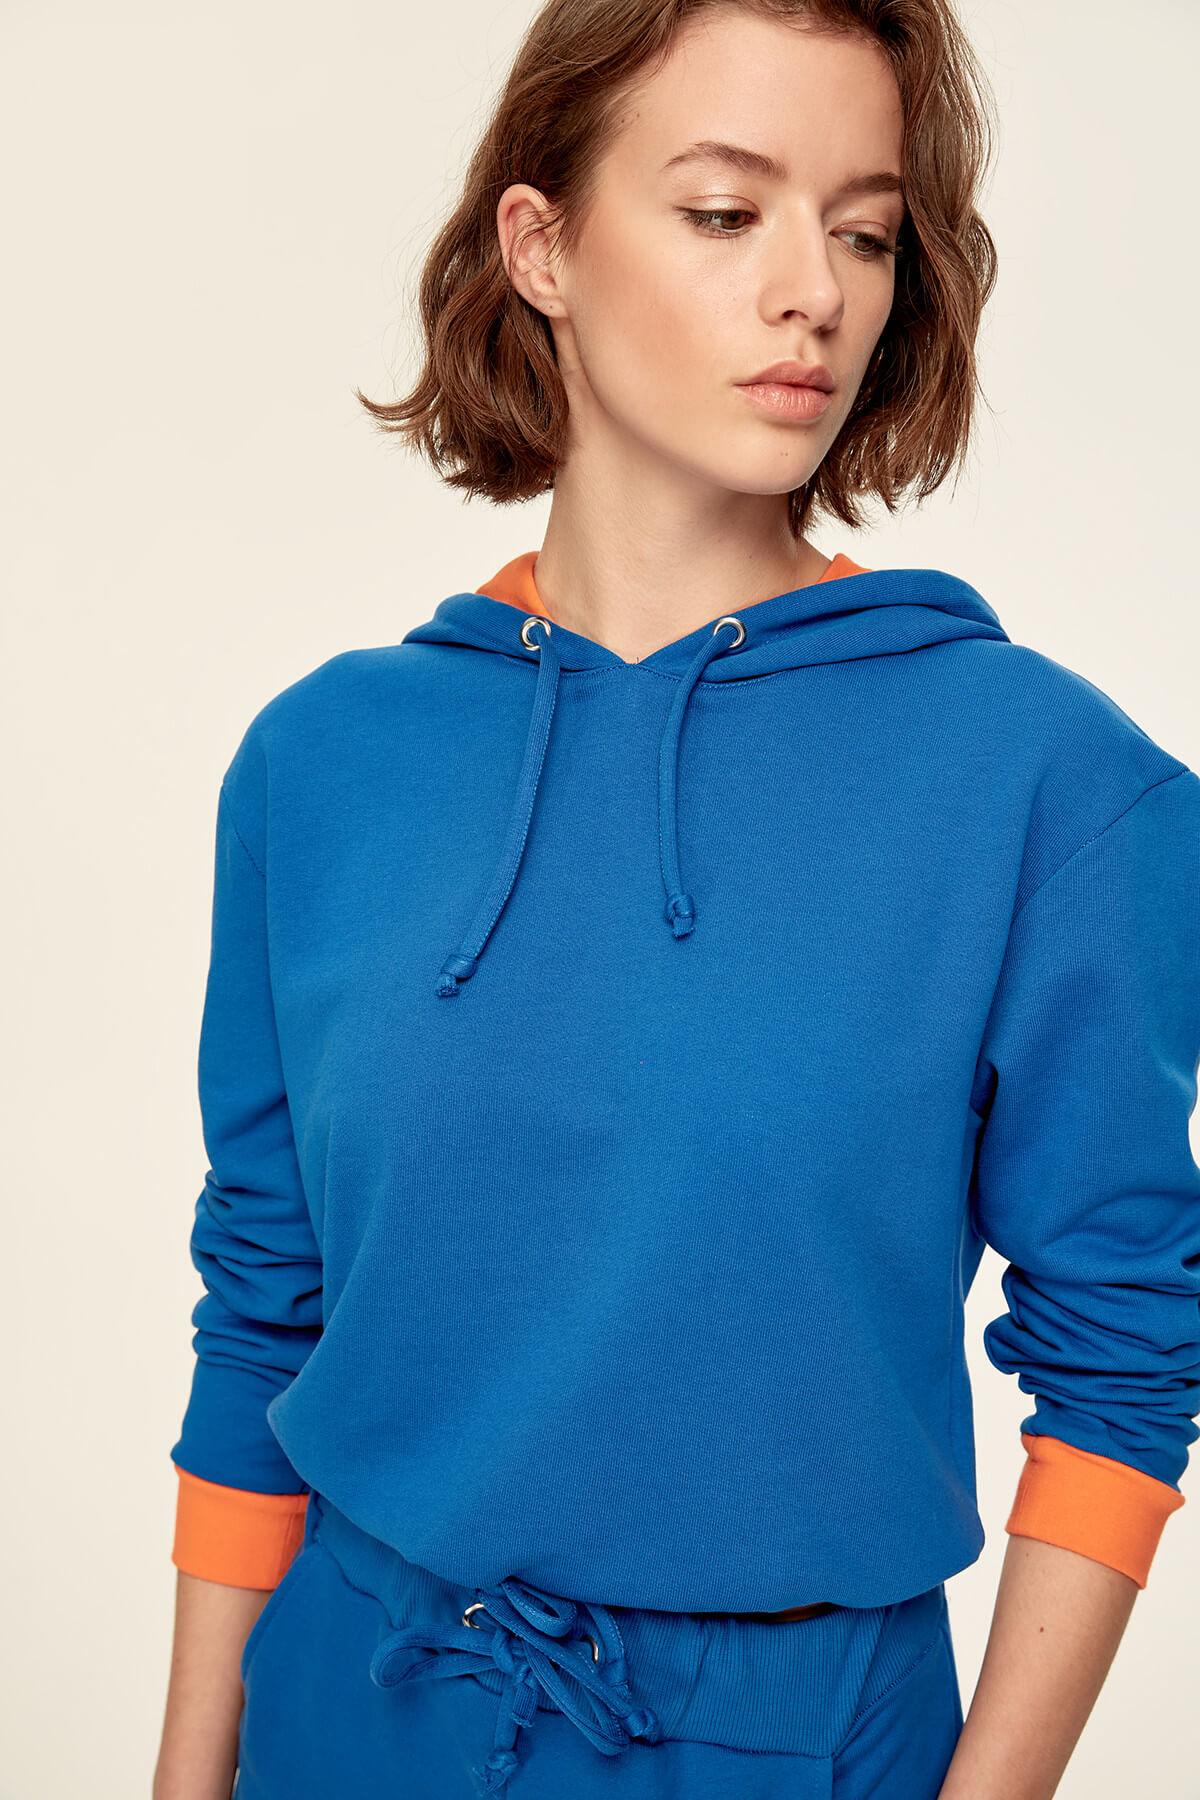 Trendyol Saks Binding Detailed Knit Sweatshirt